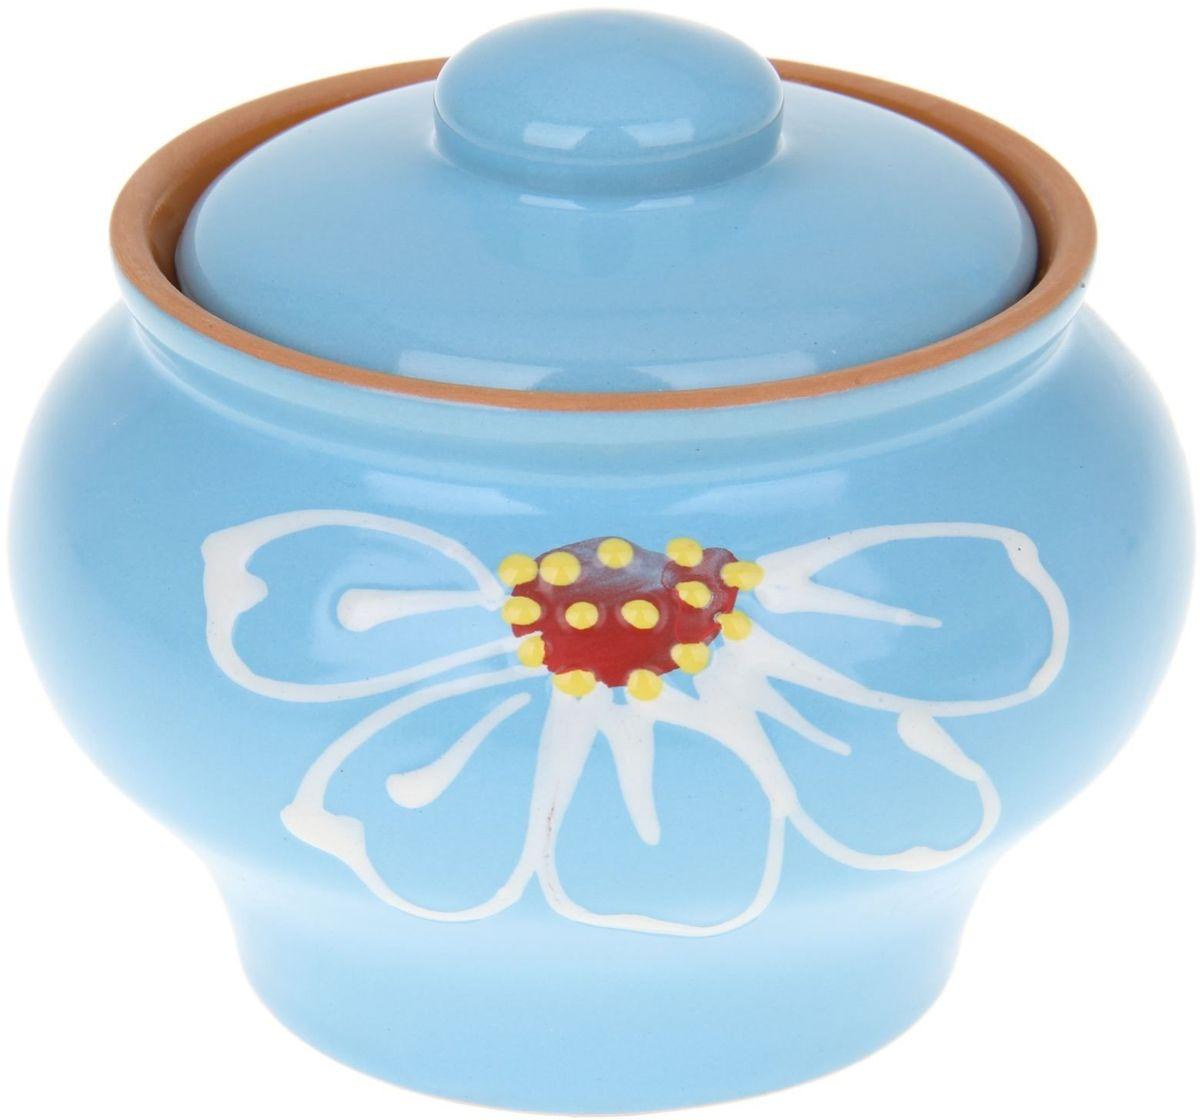 Горшок Псковский гончар Псковский, цвет: синий, 330 мл1228200